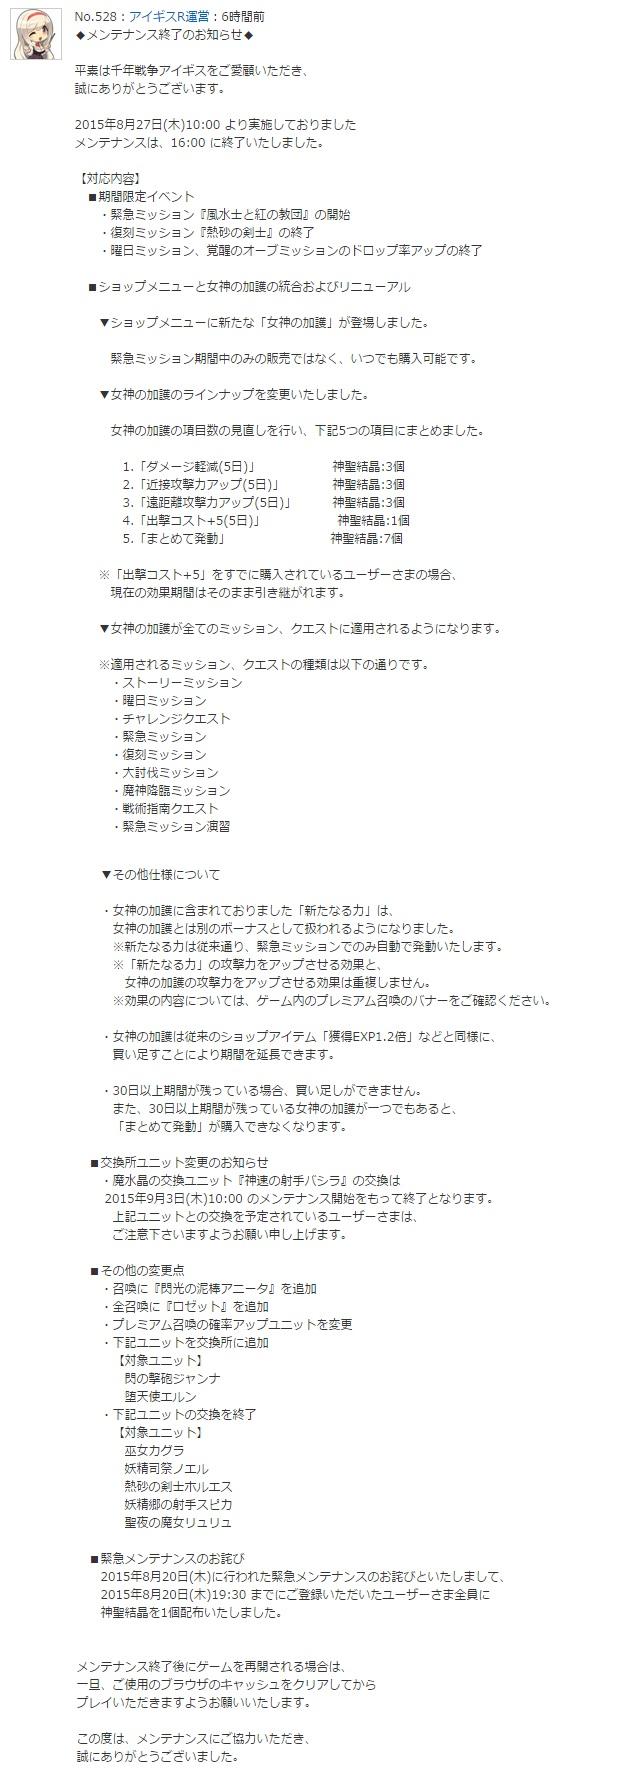 メンテ内容_20150827